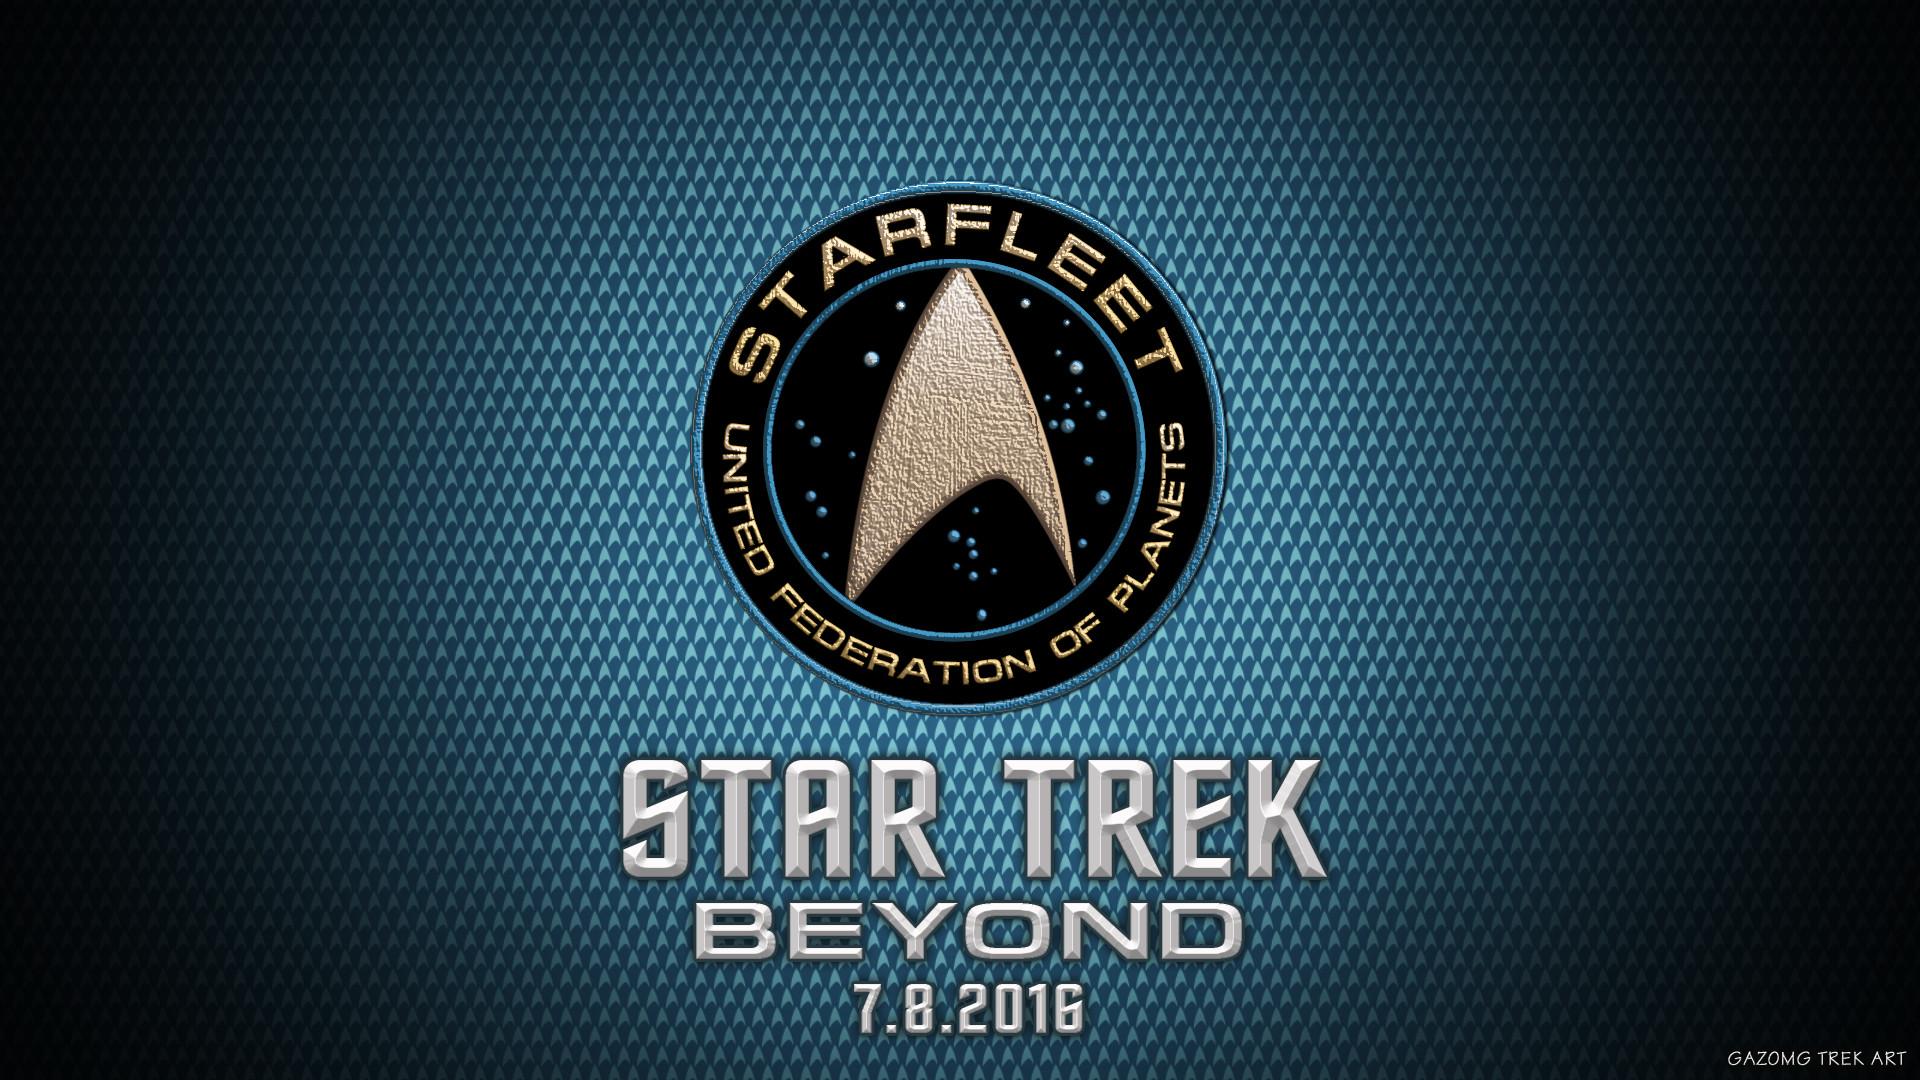 Star Trek Beyond Full HD Wallpaper